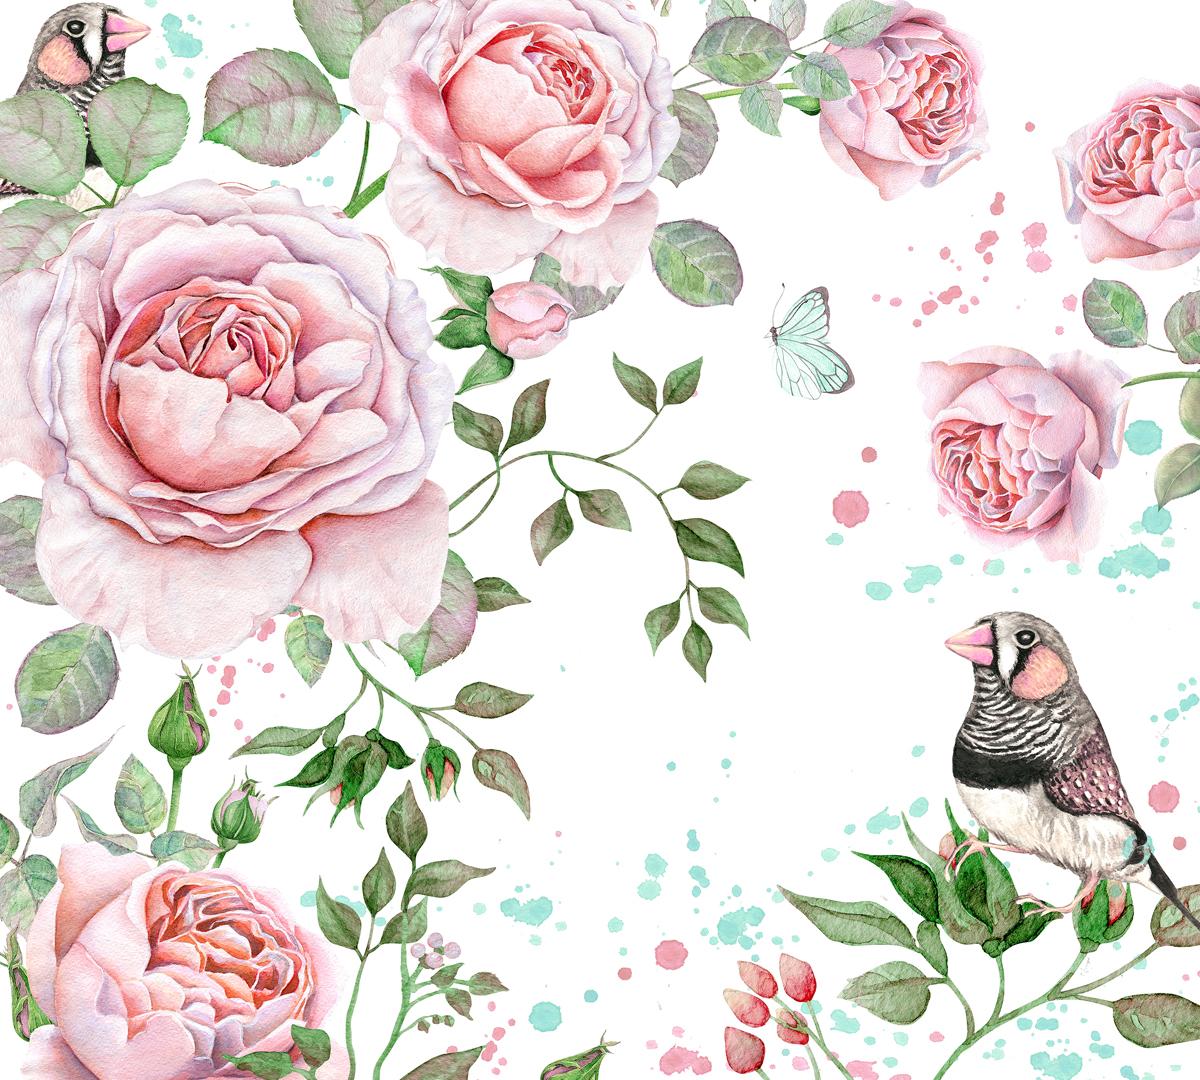 Фотообои Barton Wallpapers Цветы, 300 x 270 см. F10803F10803Флизелиновые фотообои Barton Wallpapers Цветы. Превосходное цифровое качество изображения, экологичные, износостойкие, не пахнут, стойки к выцветанию, просты в поклейке. Каждому человеку хочется внести индивидуальности в свой интерьер и сделать его уютней. Английские обои Barton Wallpapers сделают это лучше всего!